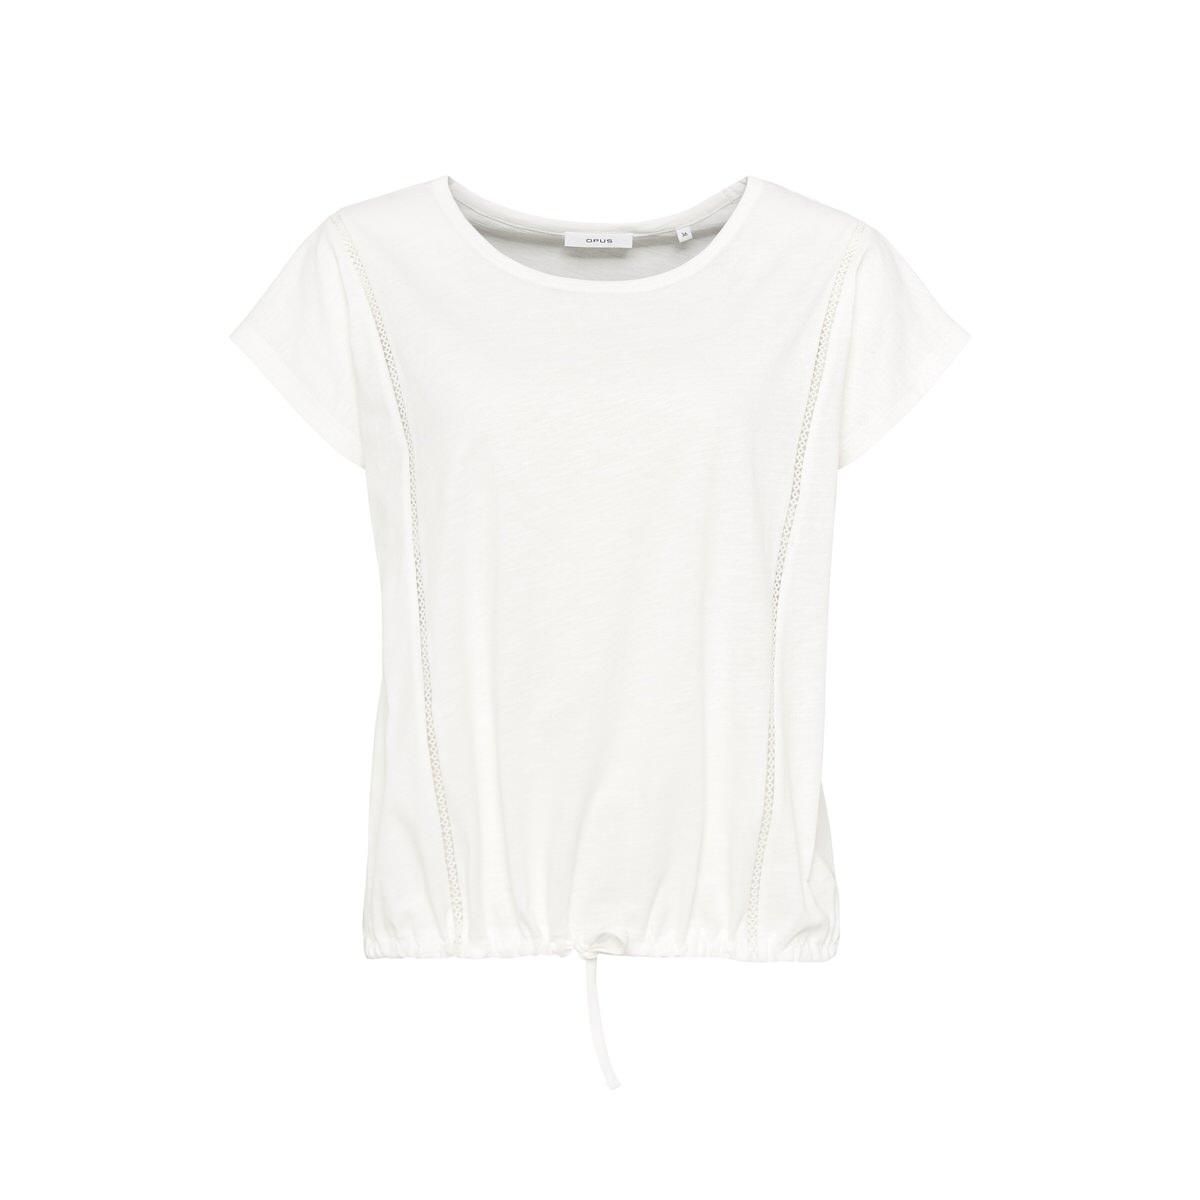 Artikel klicken und genauer betrachten! - Das Shirt aus einer weichen Baumwoll-Qualität überzeugt durch den sportlichen Fit. Der Gummizug mit einem Binde-Detail unterstreicht die Sportivität. Das feminine Spitzen-Detail rundet den Look ab. Baumwoll-Ware, Spitzen-Detail, Gummizug am Saum, Flammengarn, überschnittene Schultern, das Model ist 177 cm groß und trägt Größe 36. | im Online Shop kaufen